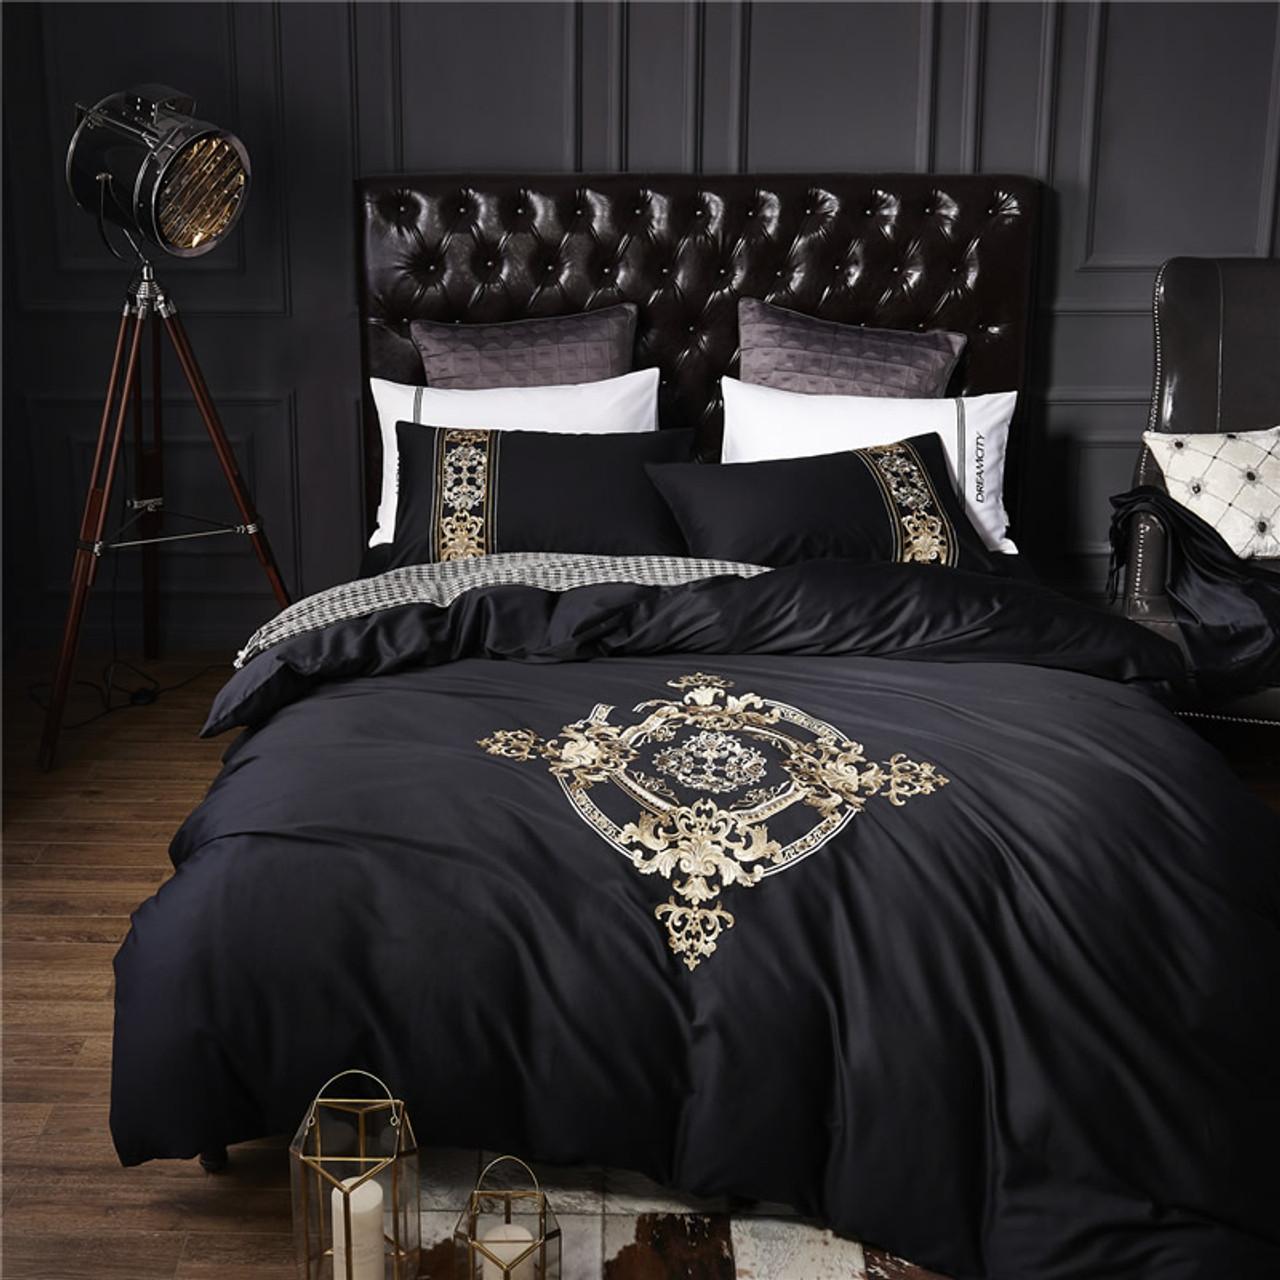 4Pcs 100% Cotton Black White Silver Luxury Bedding Sets/Bedclothes King Queen  Size Duvet ...